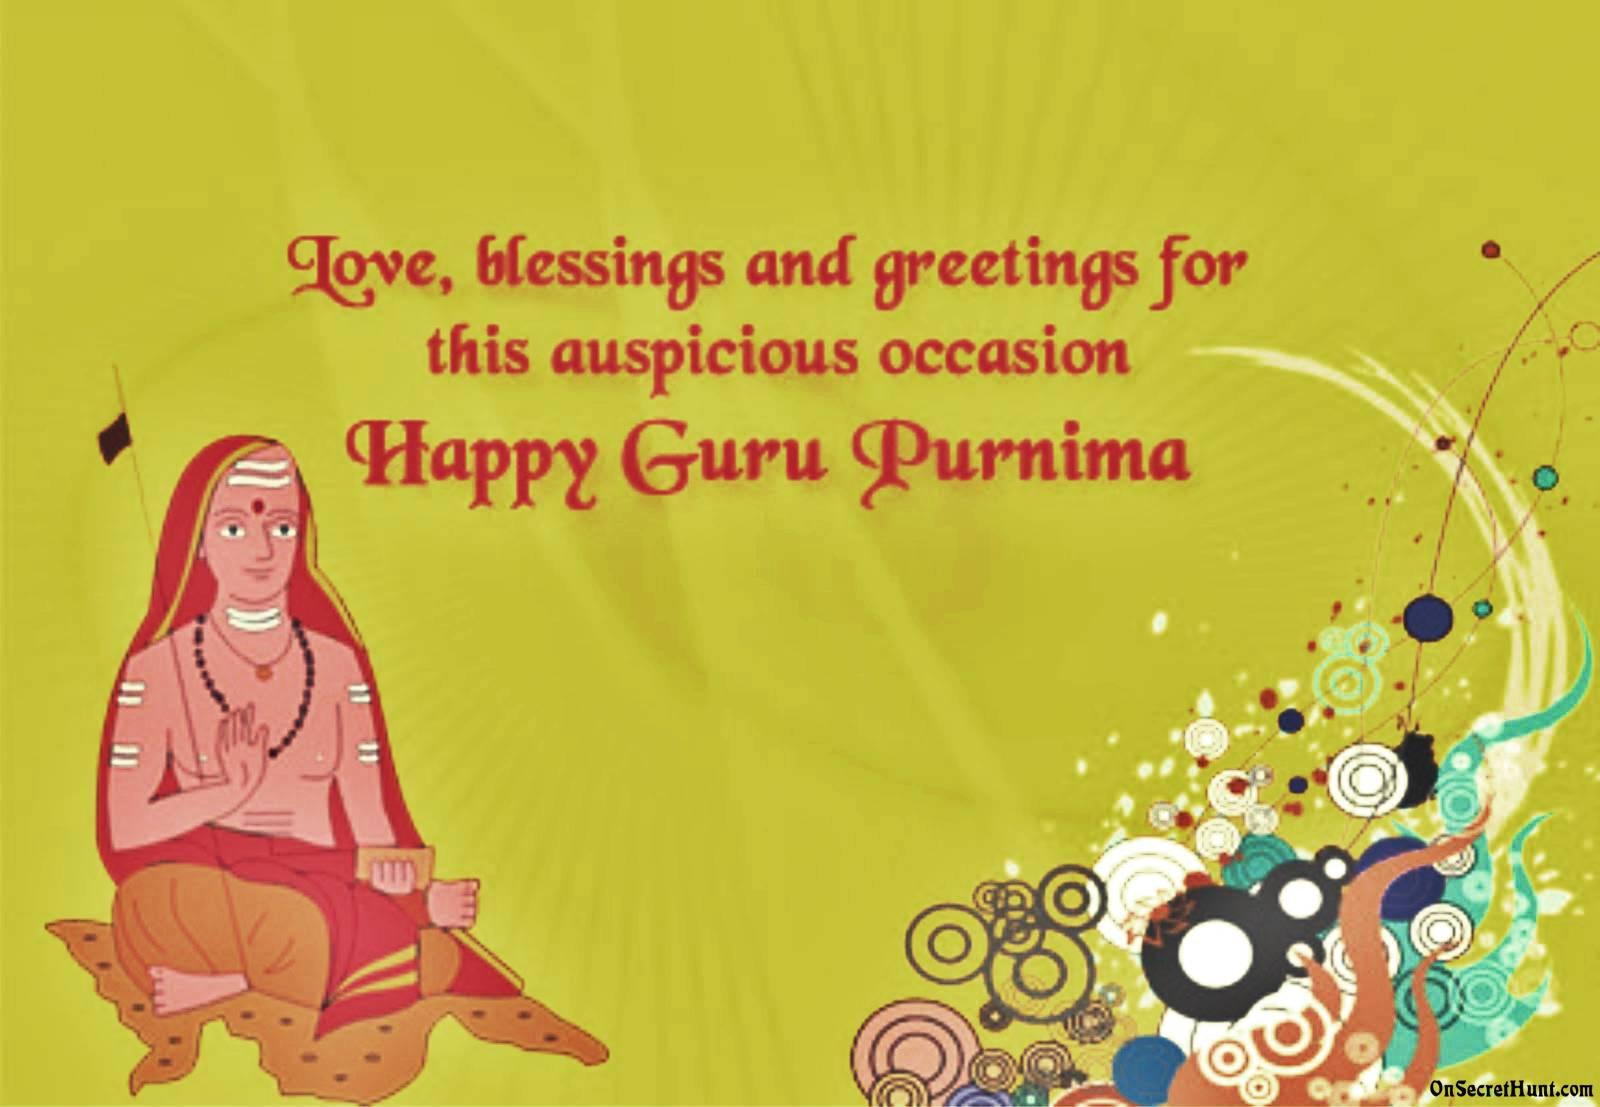 Guru Purnima 2018 Images